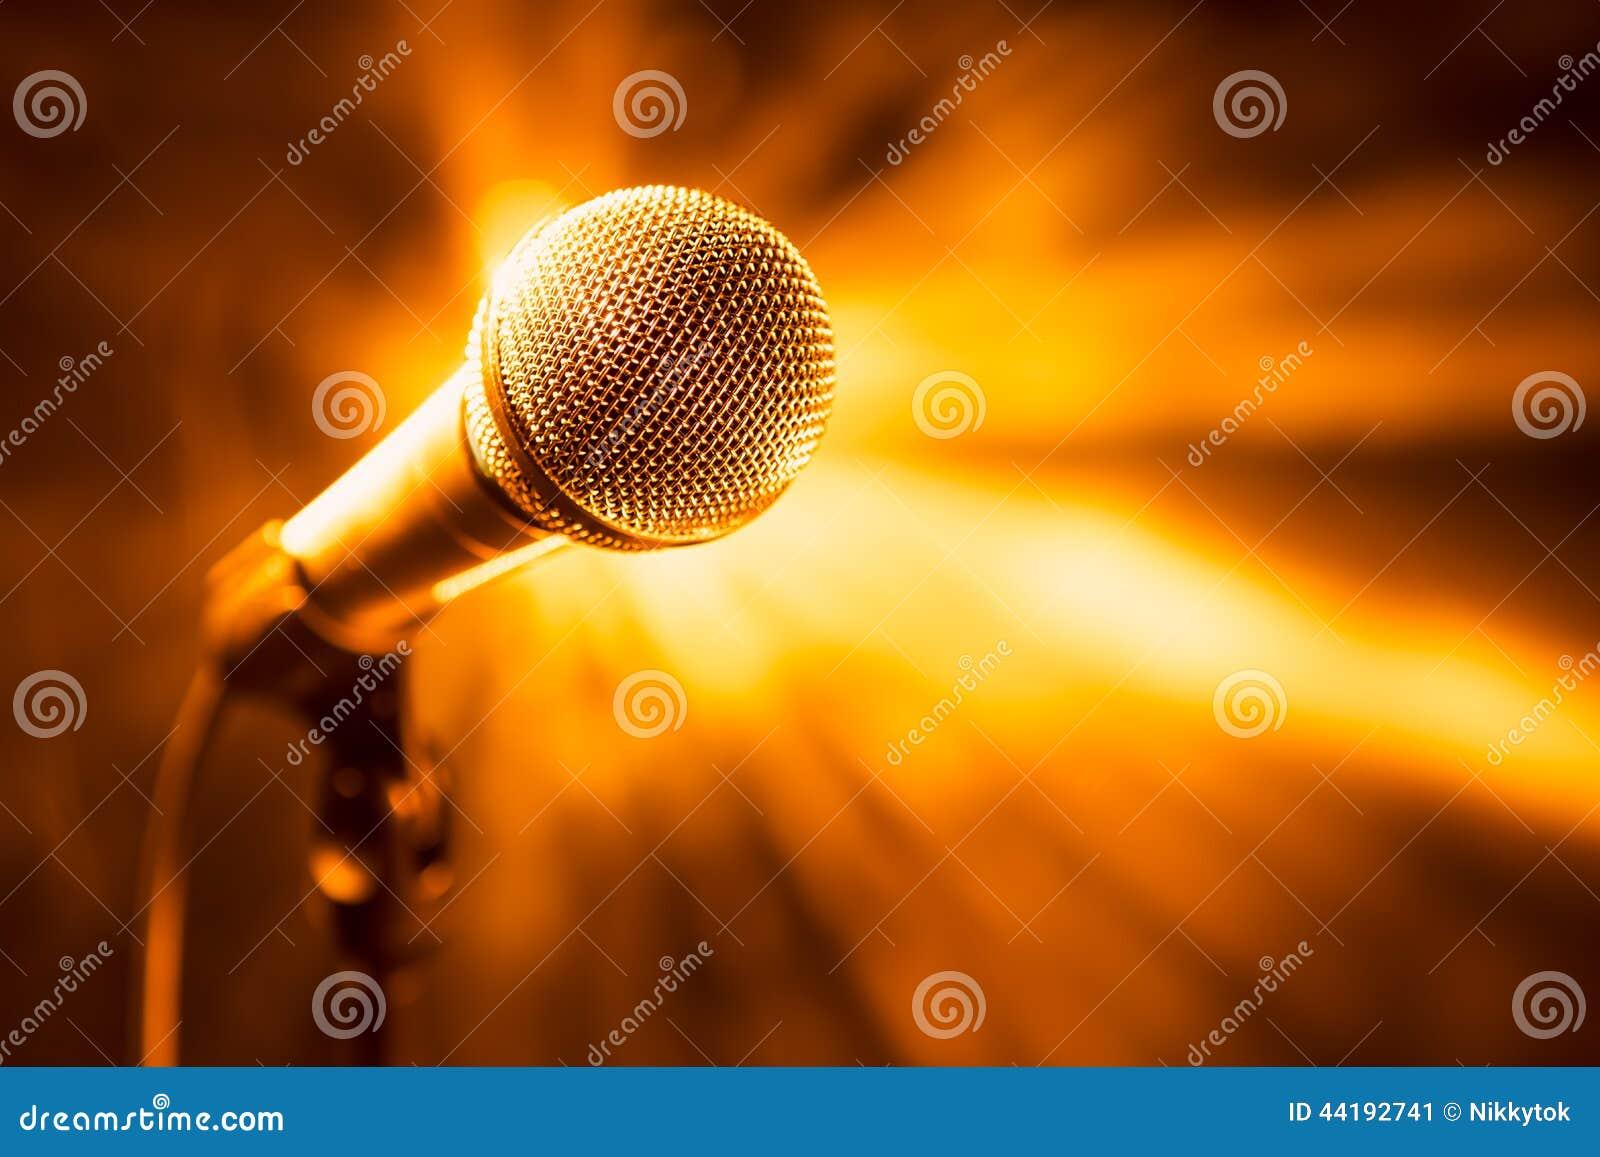 Microfone dourado na fase